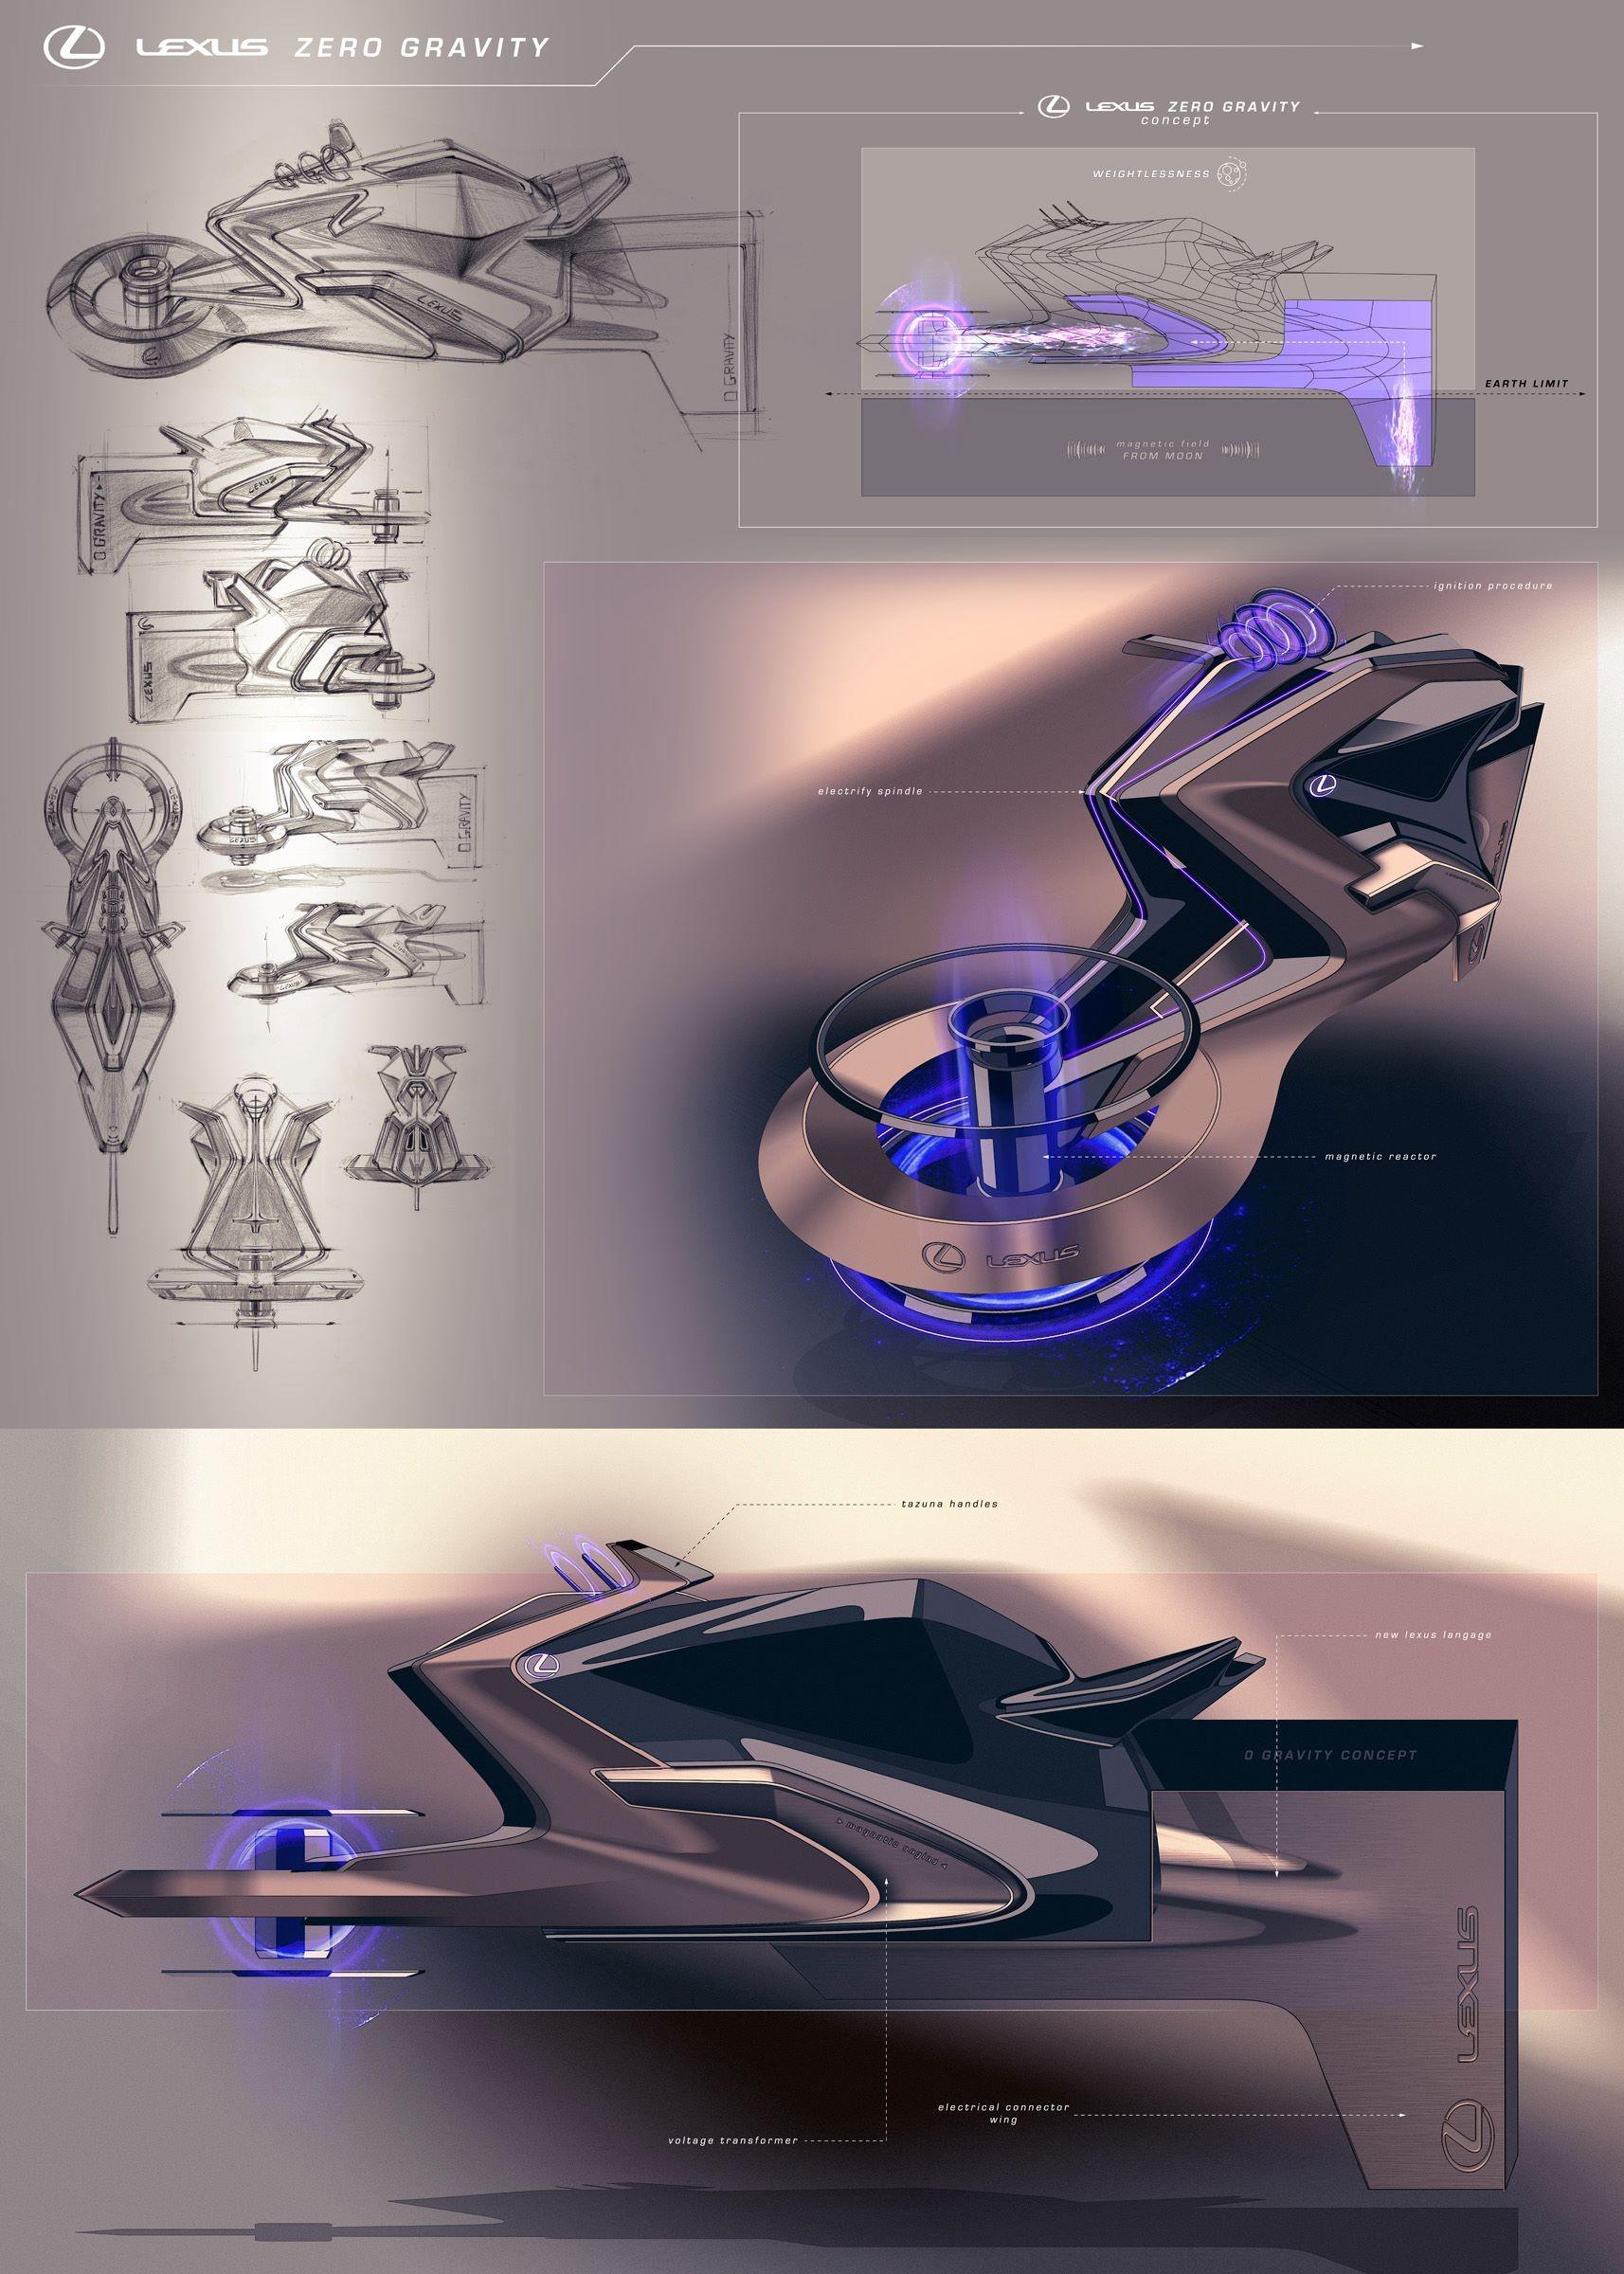 Lexus-Moon-Mobility-Concepts-11